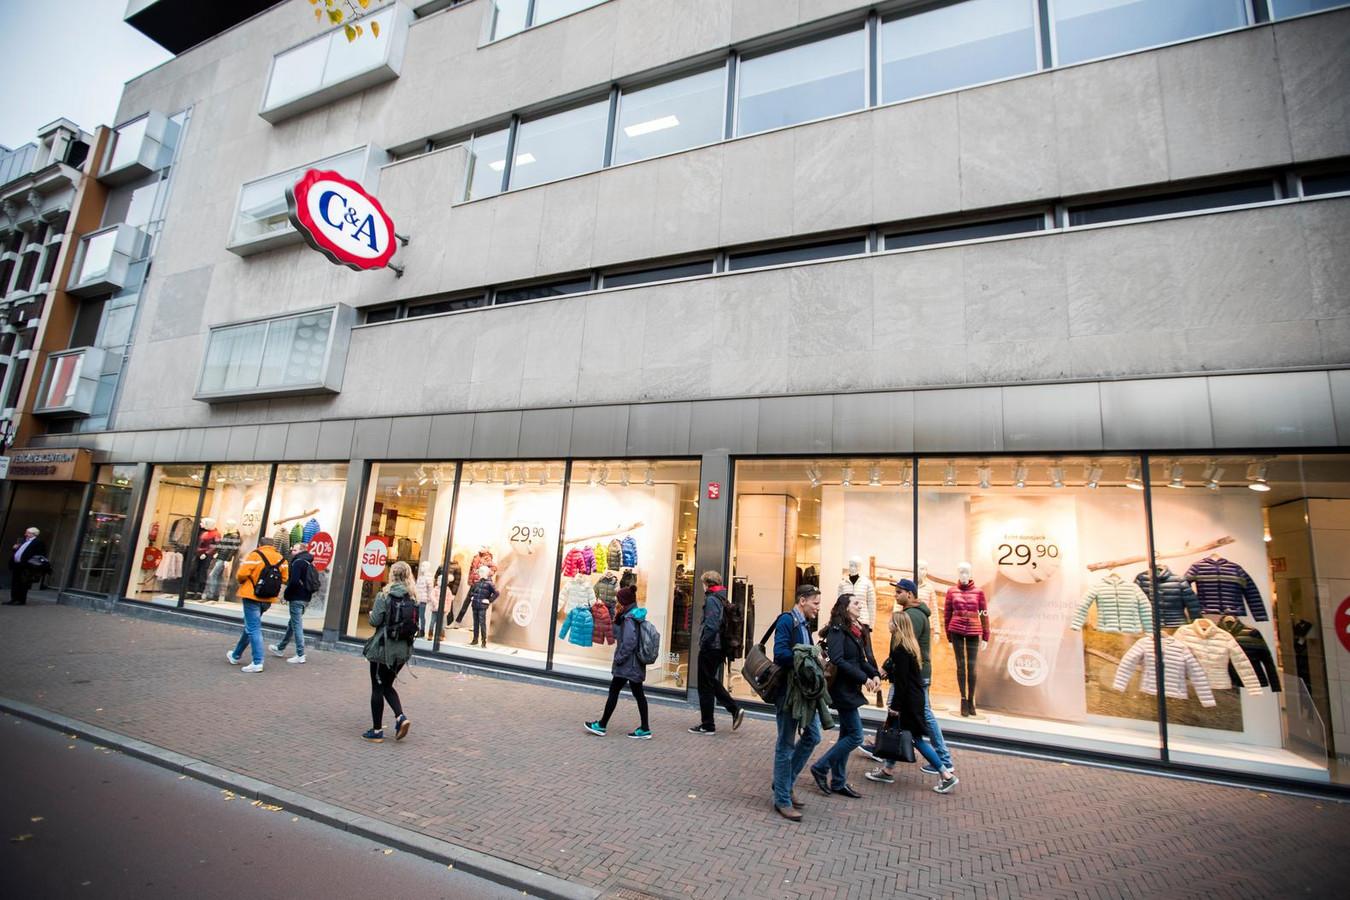 C a investeert meer dan een miljard in modernisering for Exterieur winkel